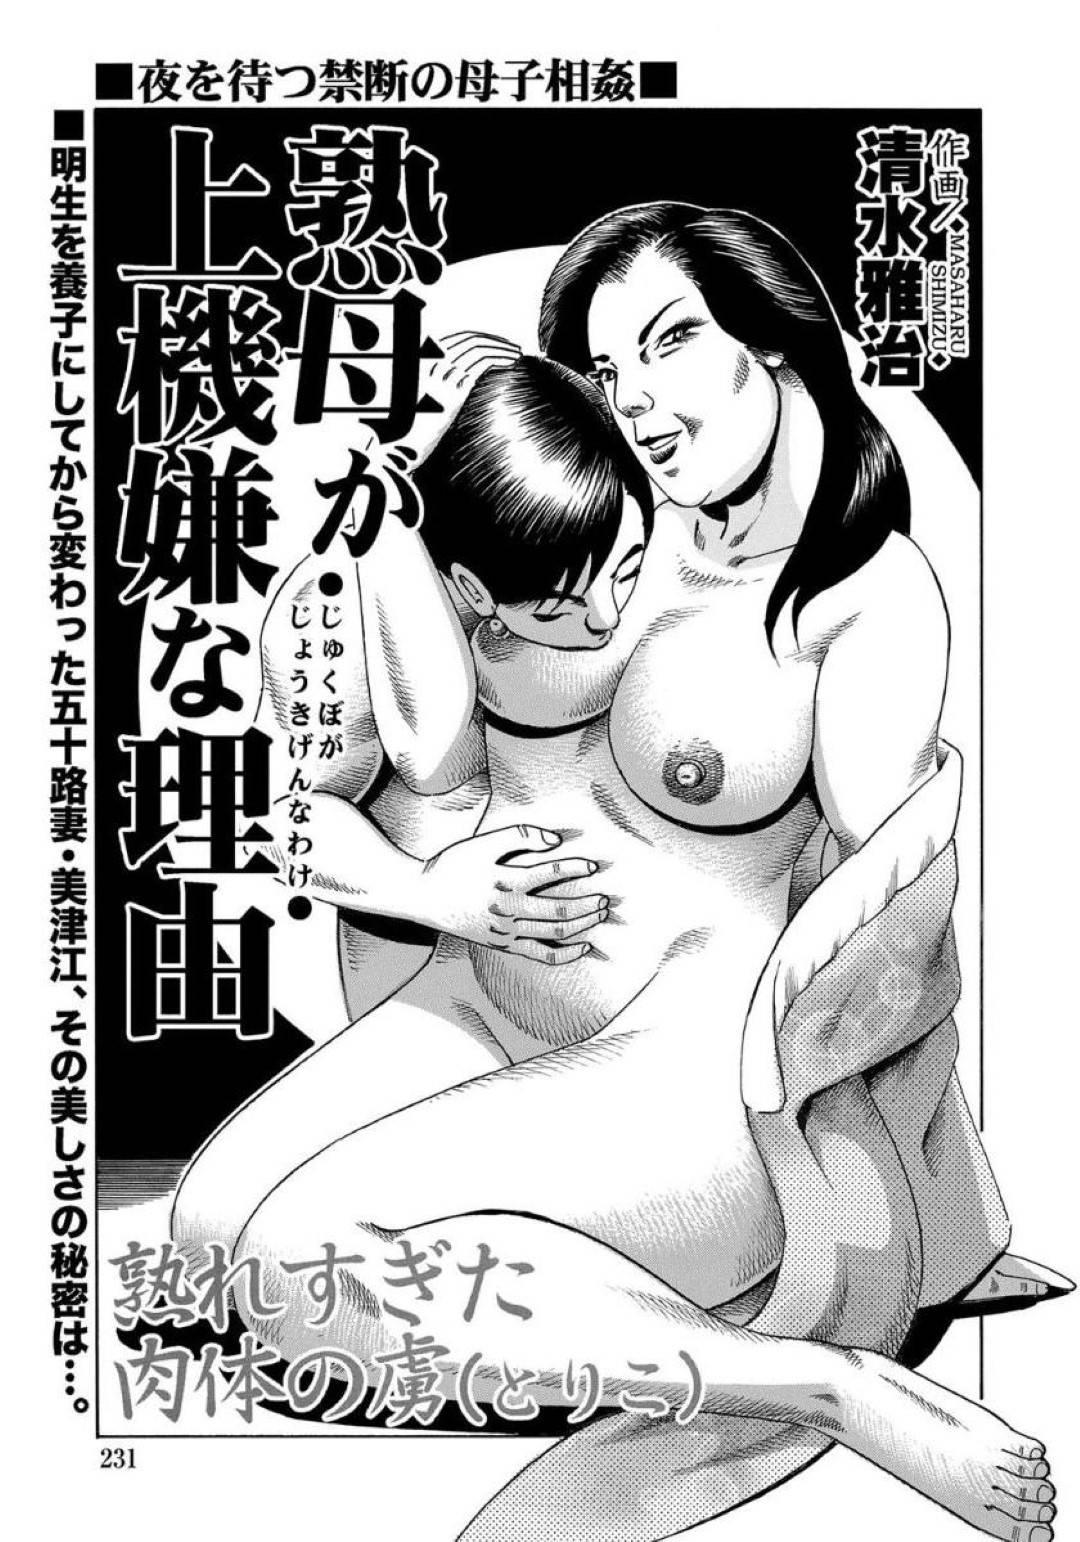 義理の息子とセックスしたいど変態な義理の母親…逆レイプに乳首舐めされたり騎乗位セックスでトロ顔になっちゃう!【清水雅治:熟母が上機嫌な理由】